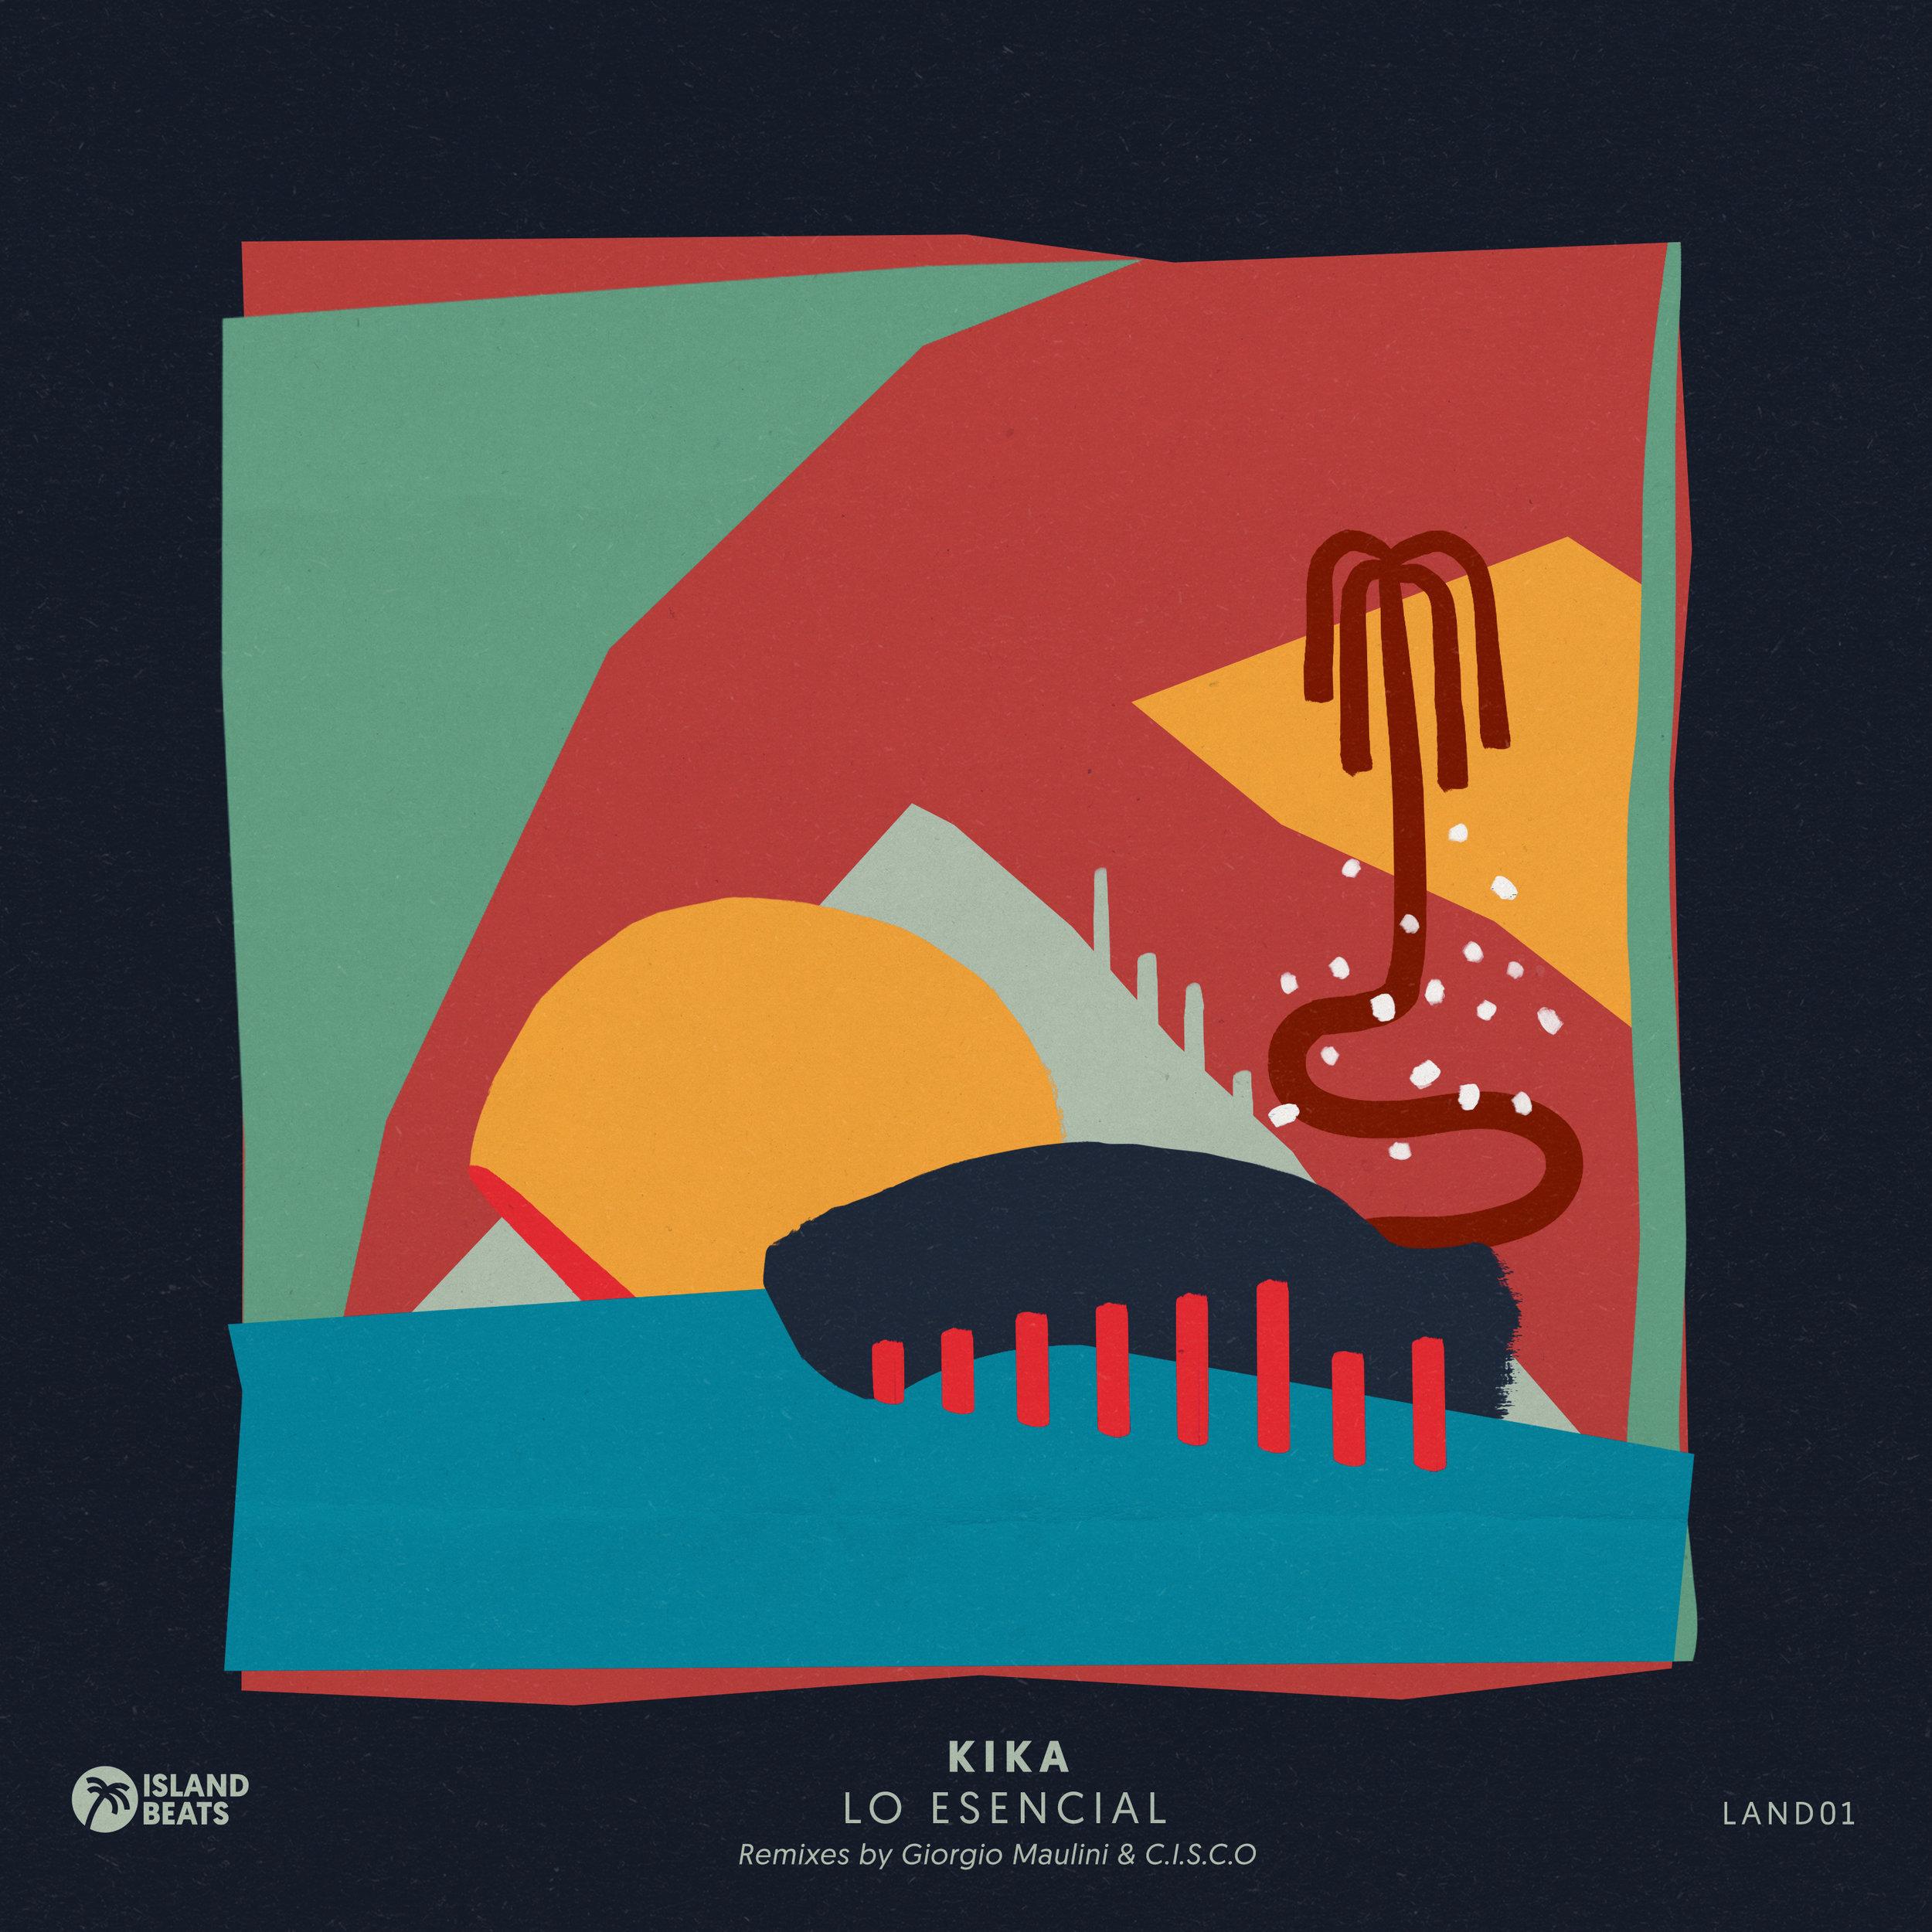 KIKA - Lo Esencial - Remixes by Giorgio Maulini & C.I.S.C.O